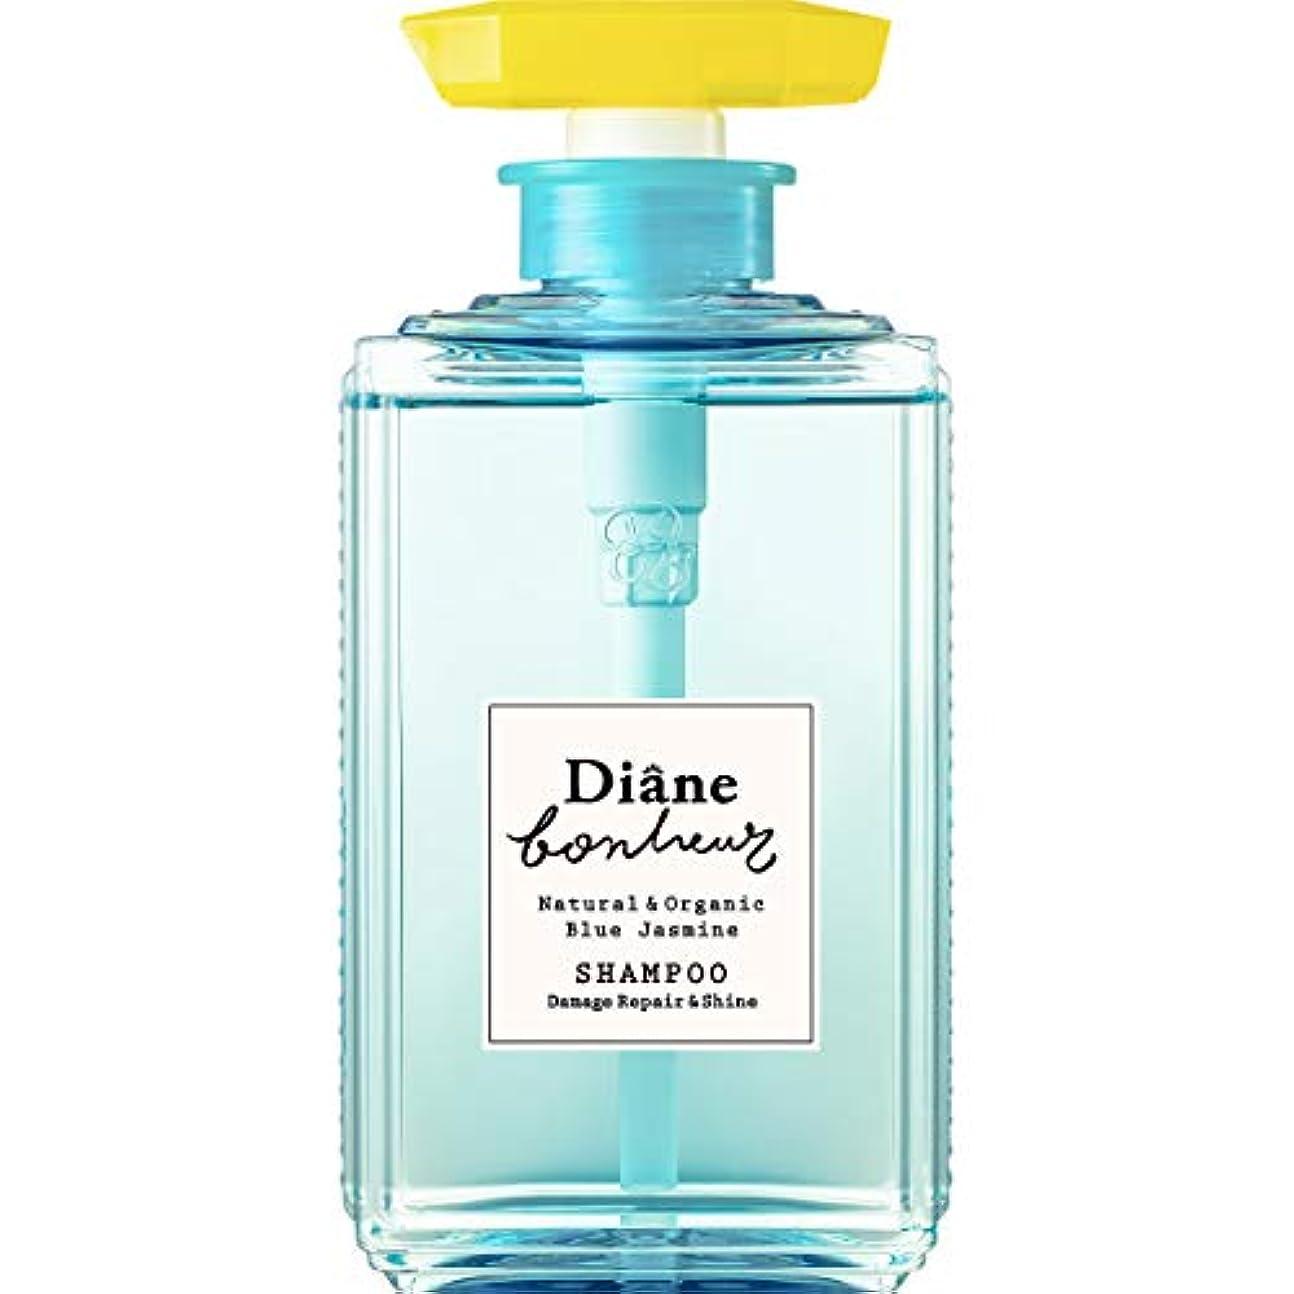 鏡それから地図ダイアン ボヌール シャンプー ブルージャスミンの香り ダメージリペア&シャイン 500ml